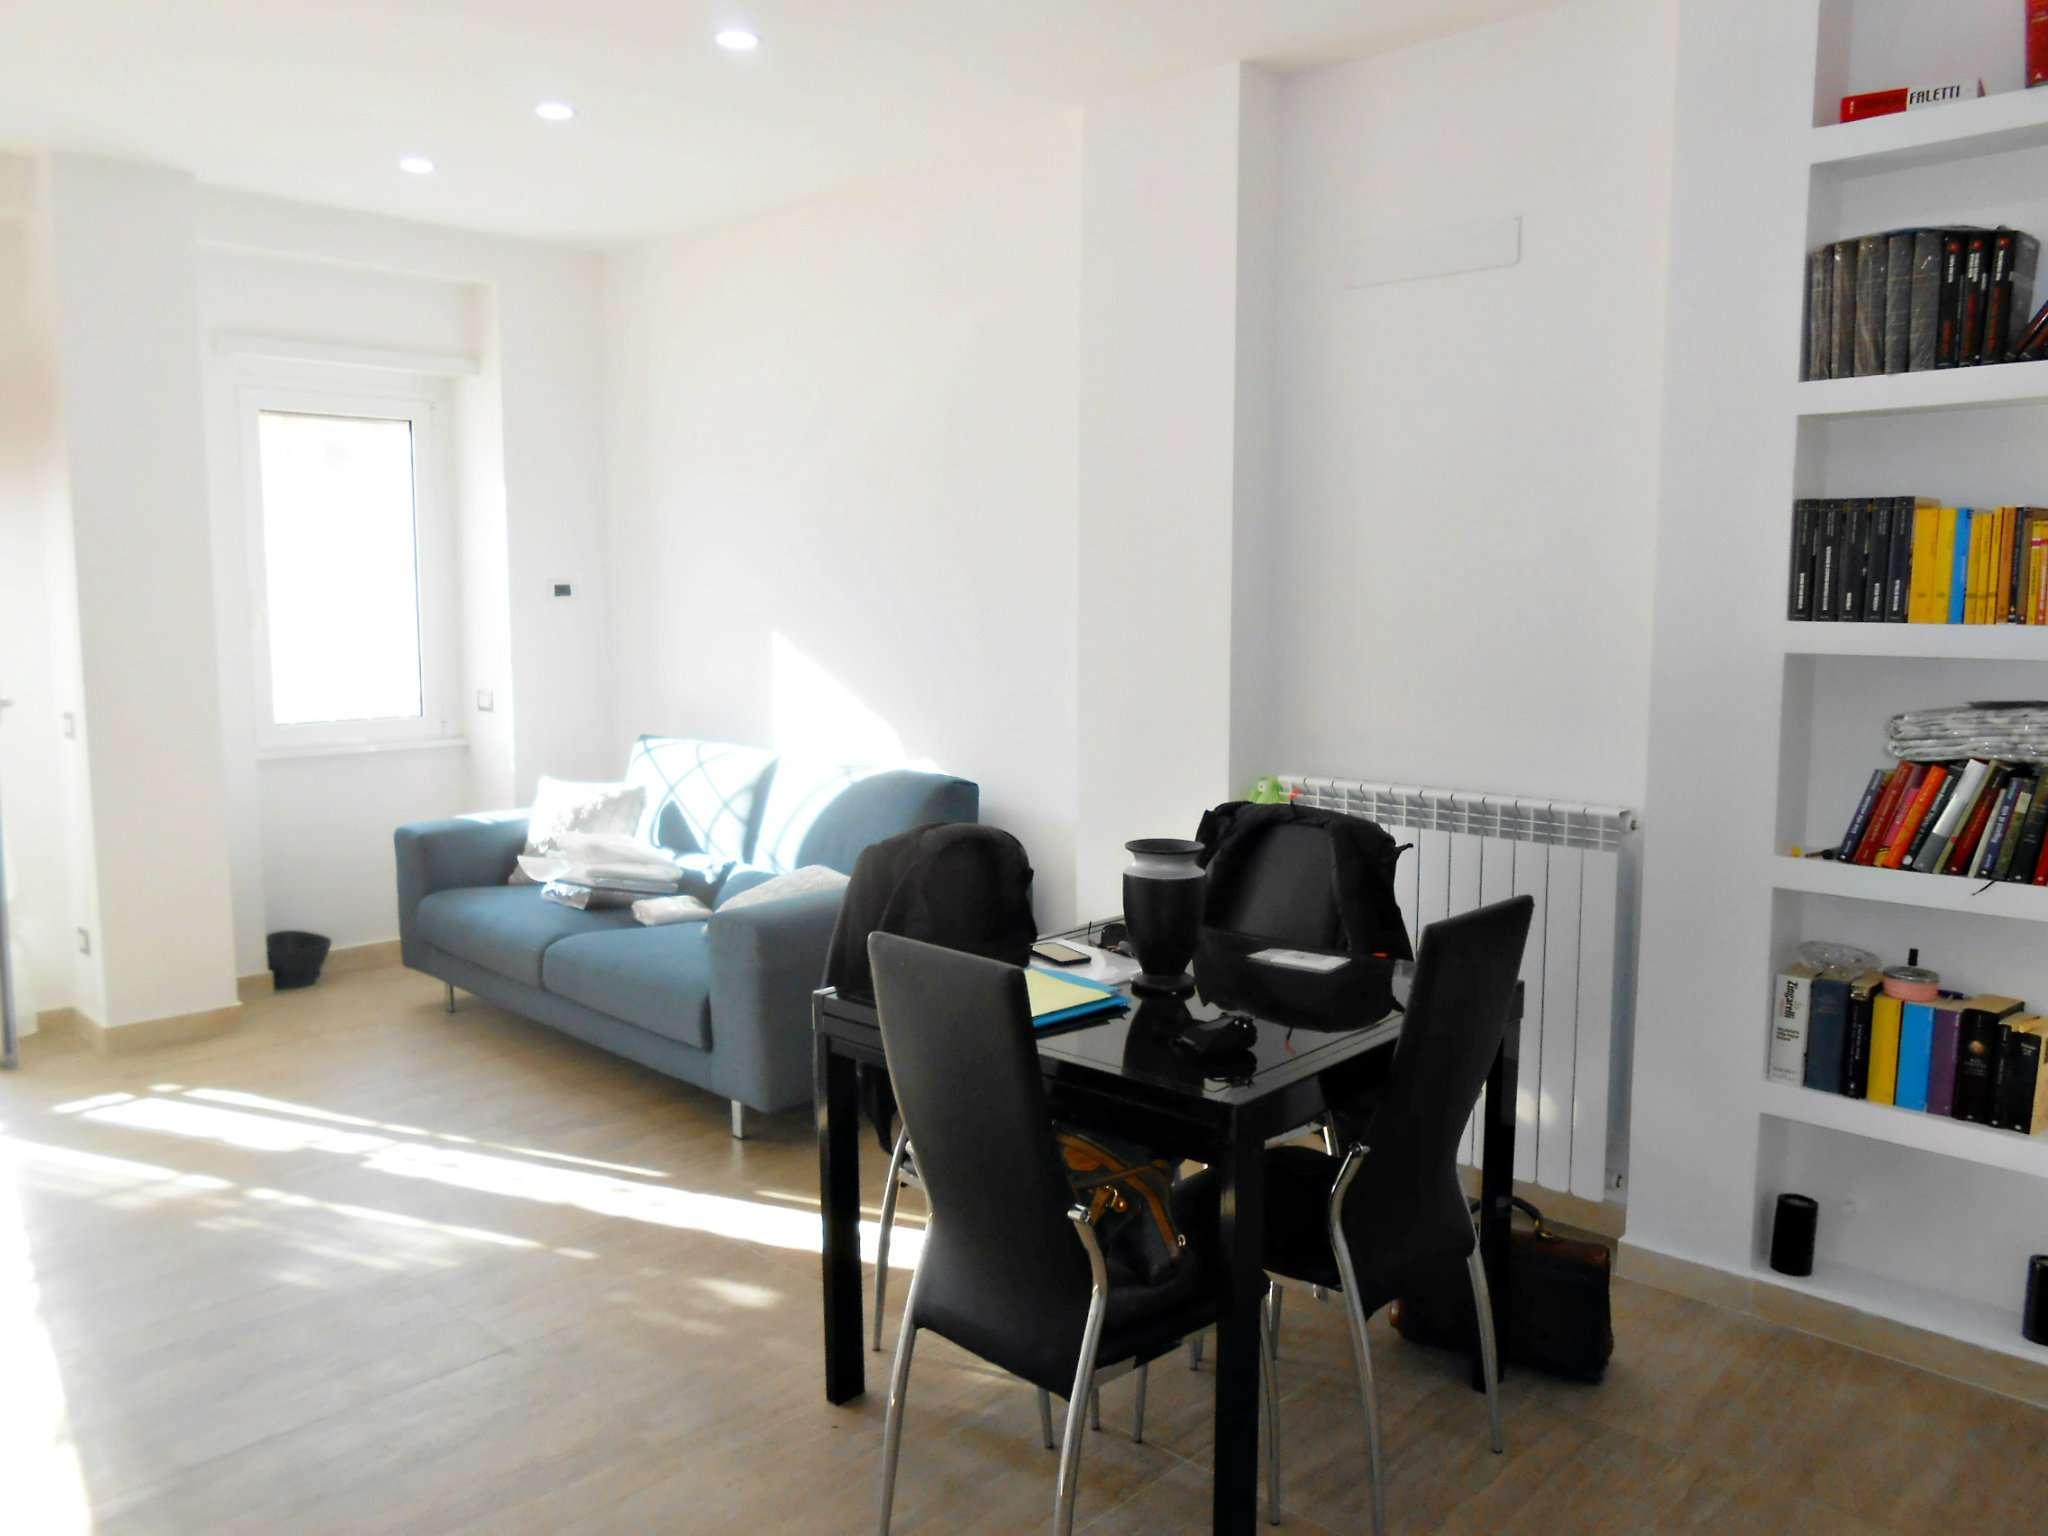 Appartamento in vendita a Roma, 3 locali, zona Zona: 10 . Pigneto, Largo Preneste, prezzo € 215.000 | CambioCasa.it